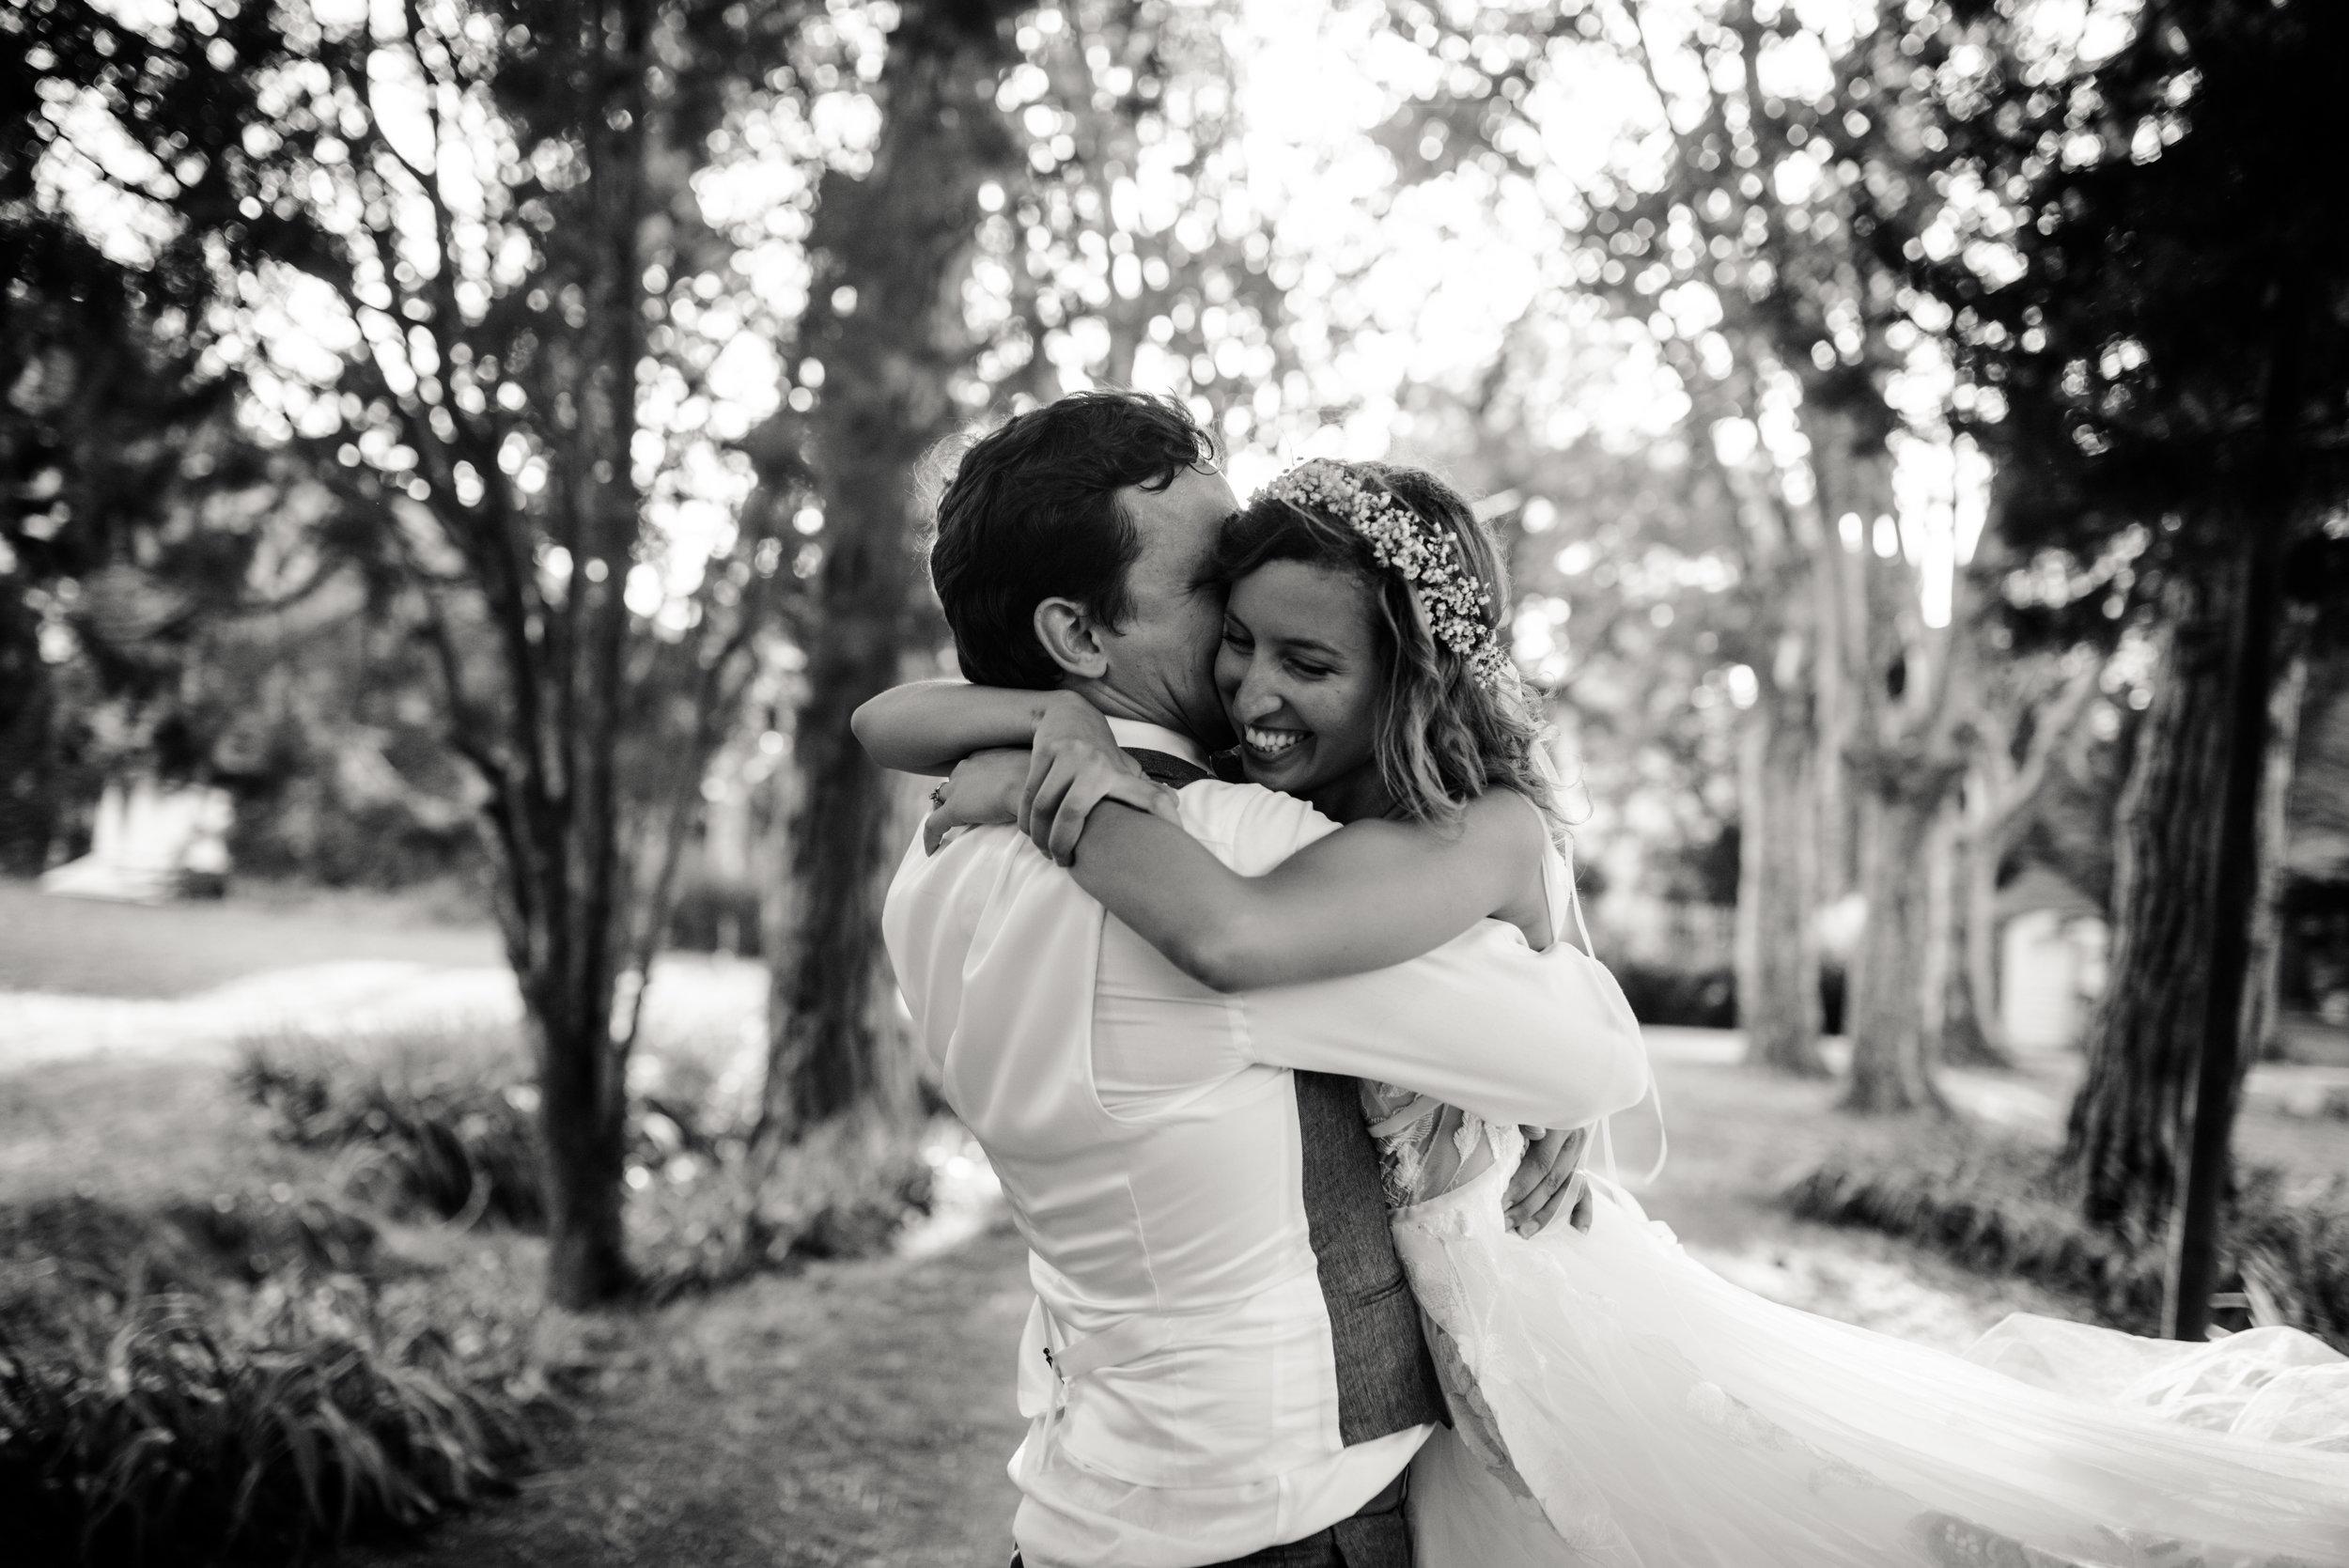 Léa-Fery-photographe-professionnel-lyon-rhone-alpes-portrait-creation-mariage-evenement-evenementiel-famille--114.jpg